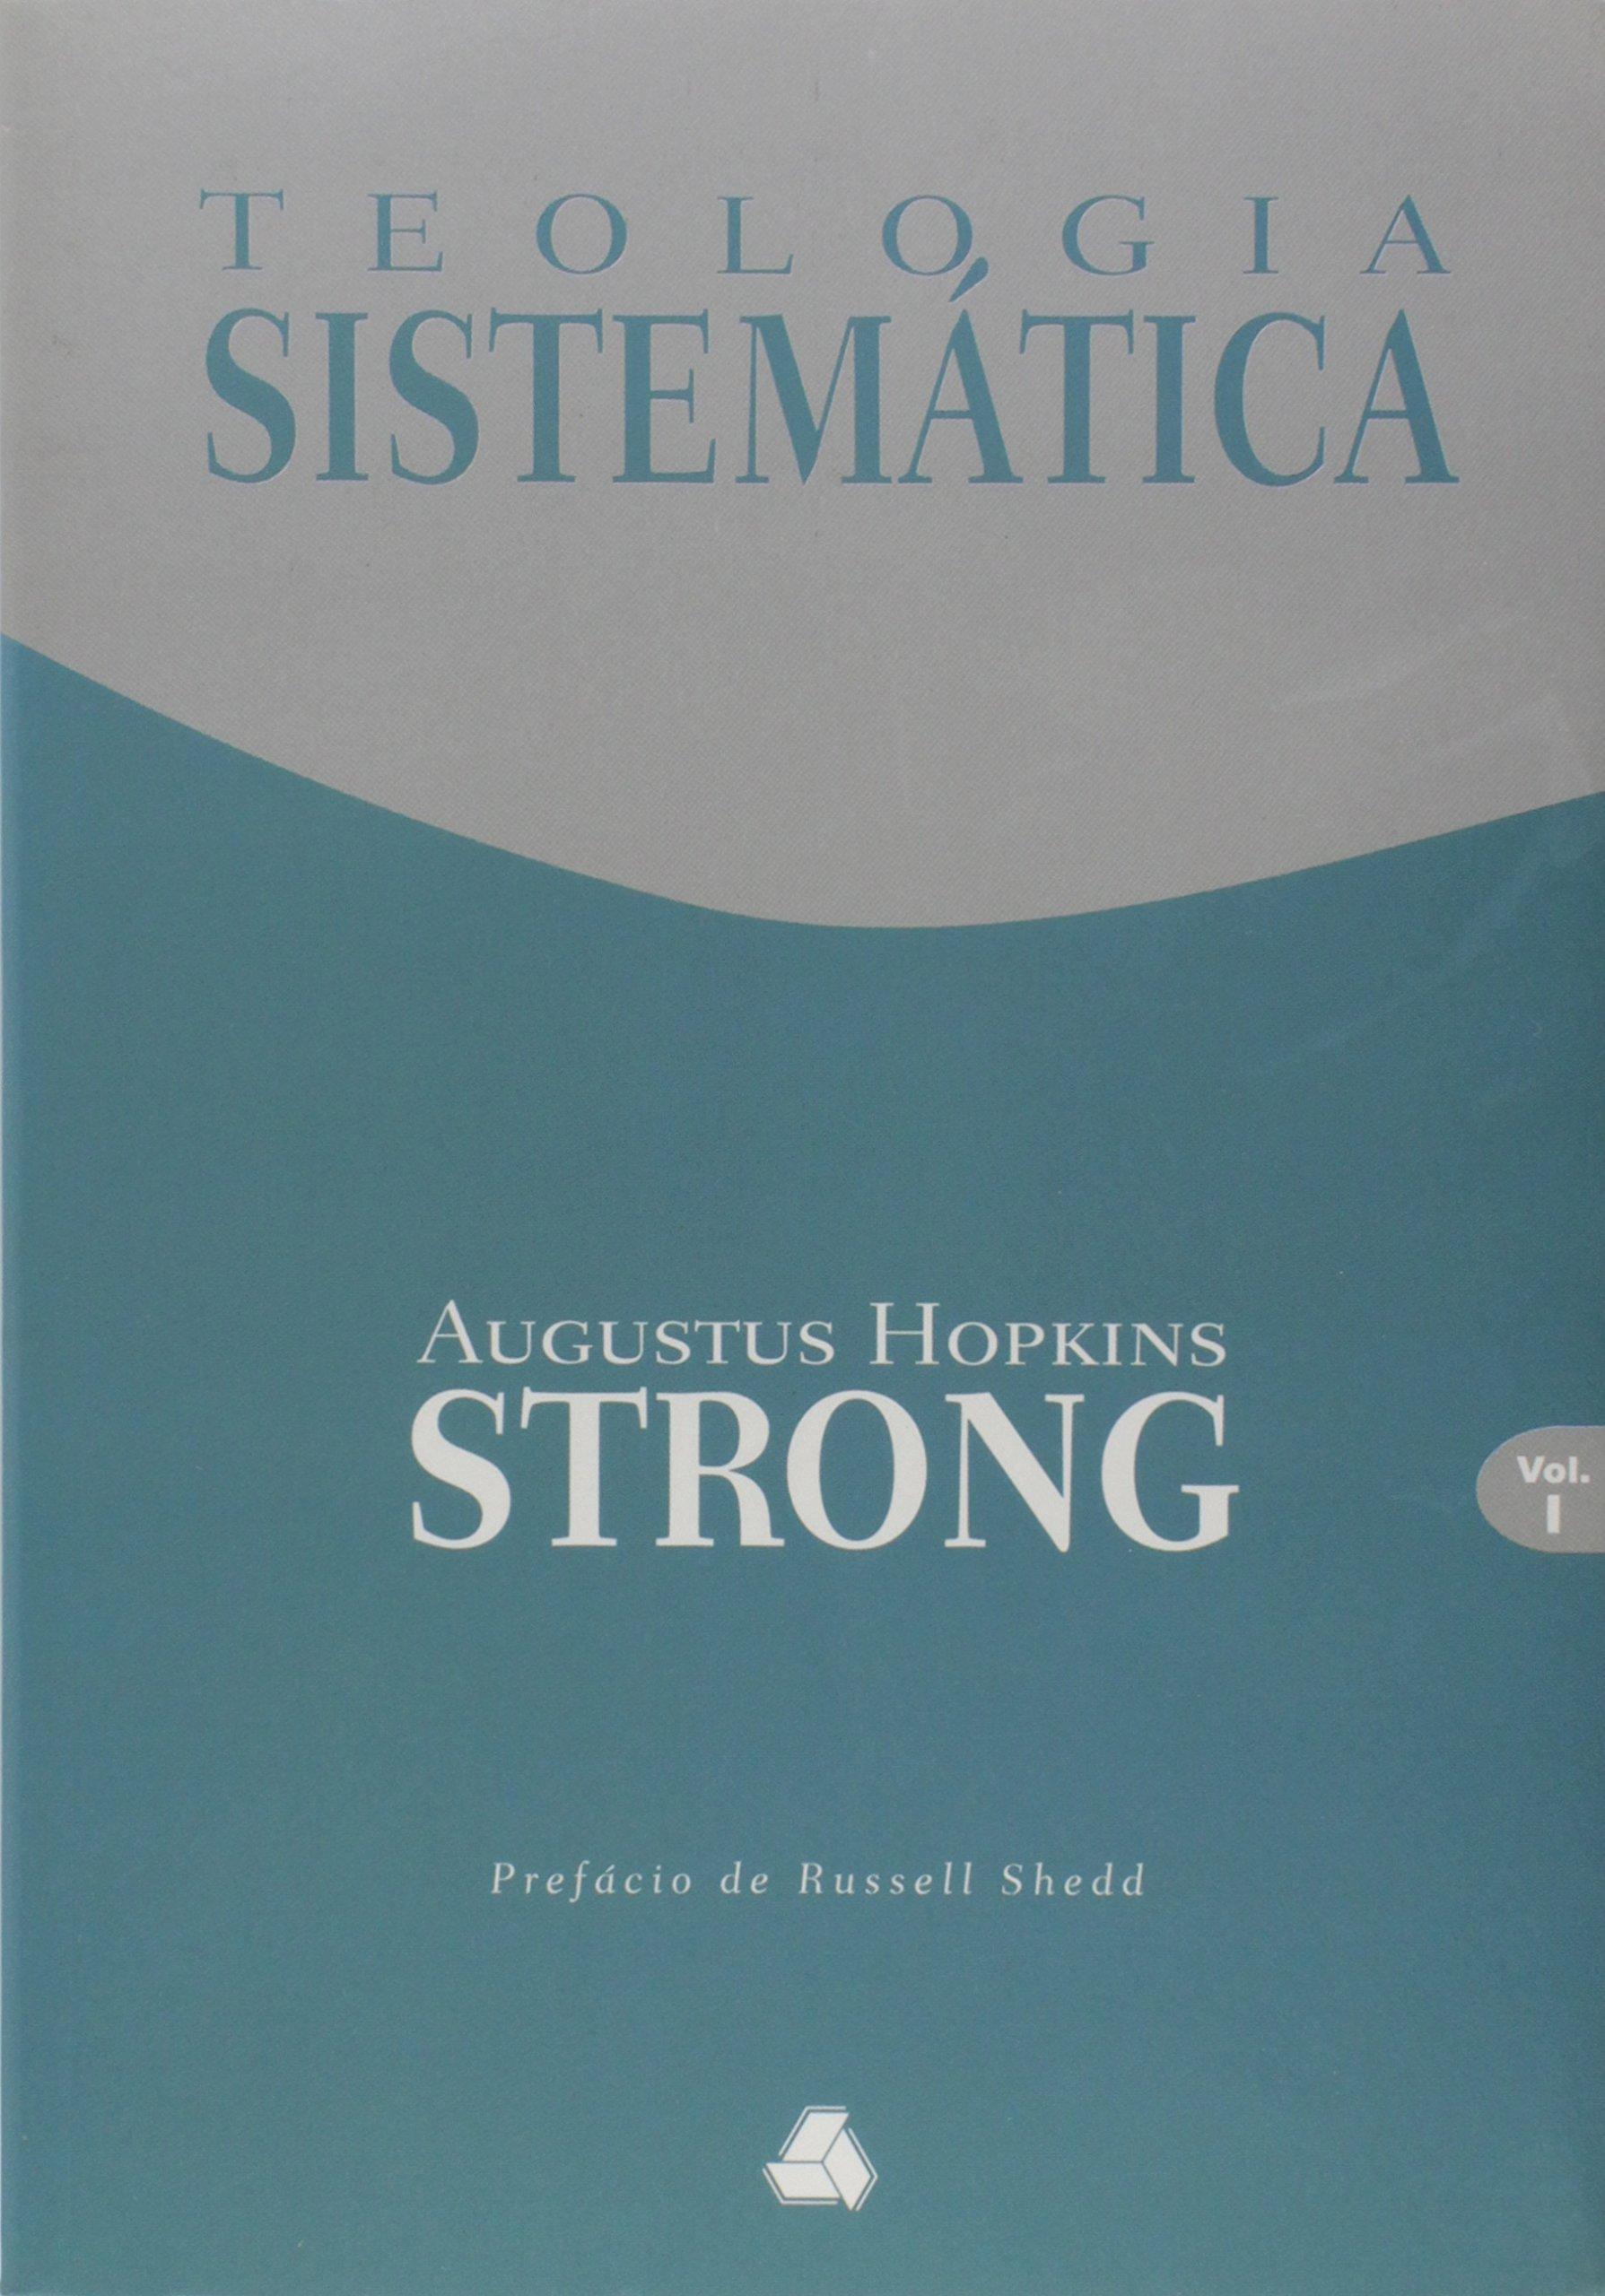 Teologia sistematica de strong v 01 e v 02 em portuguese do brasil 9788589320092 amazon com books